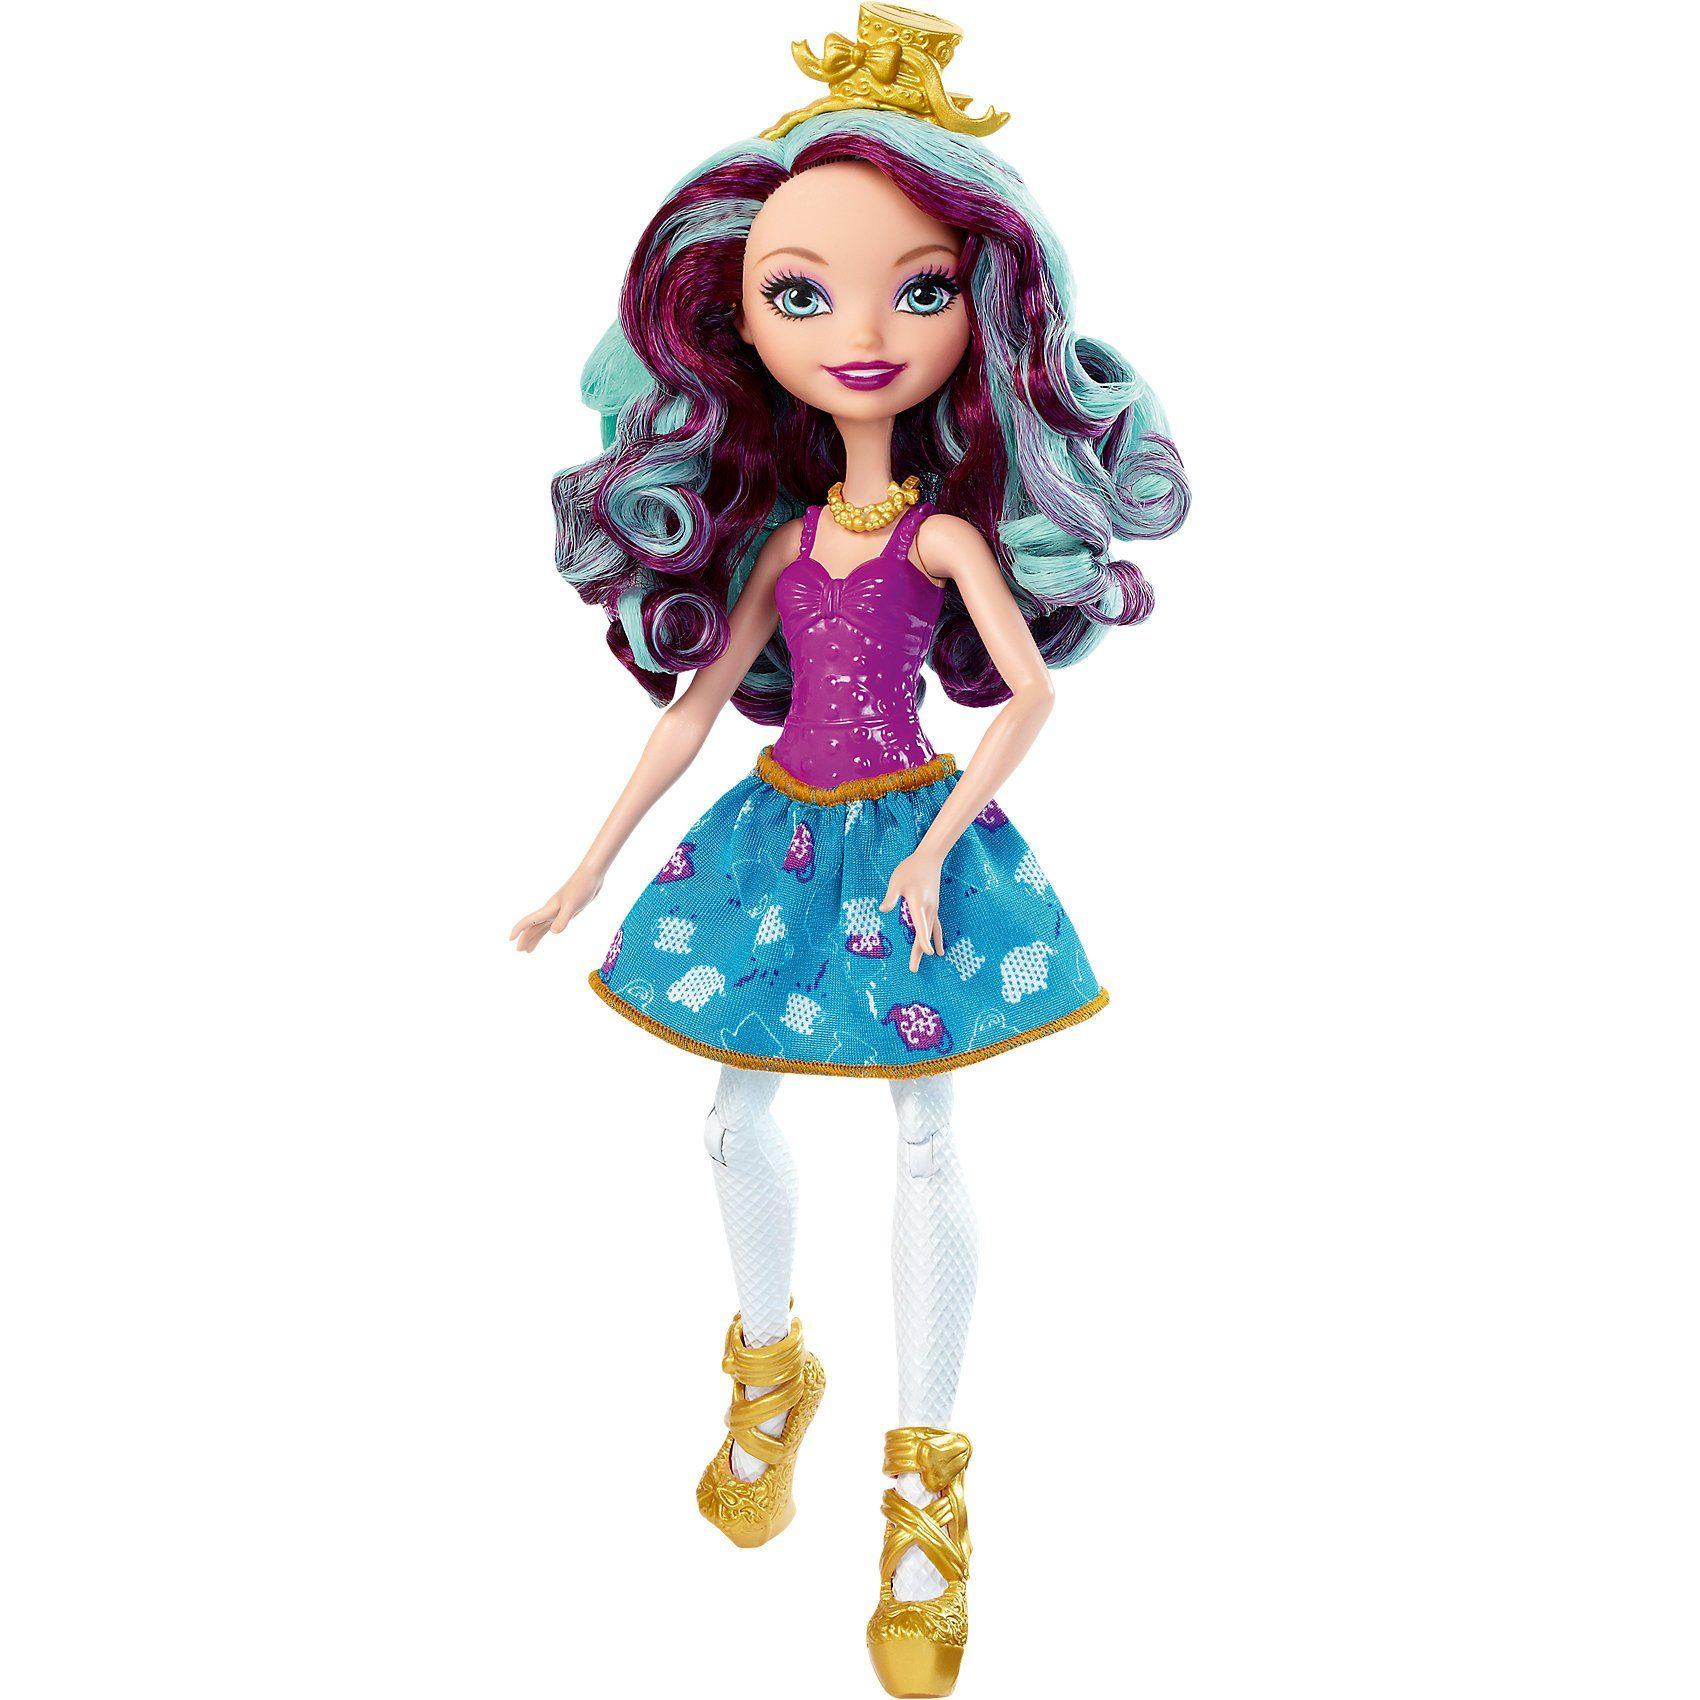 Mattel Ever After High Madeline Hatter